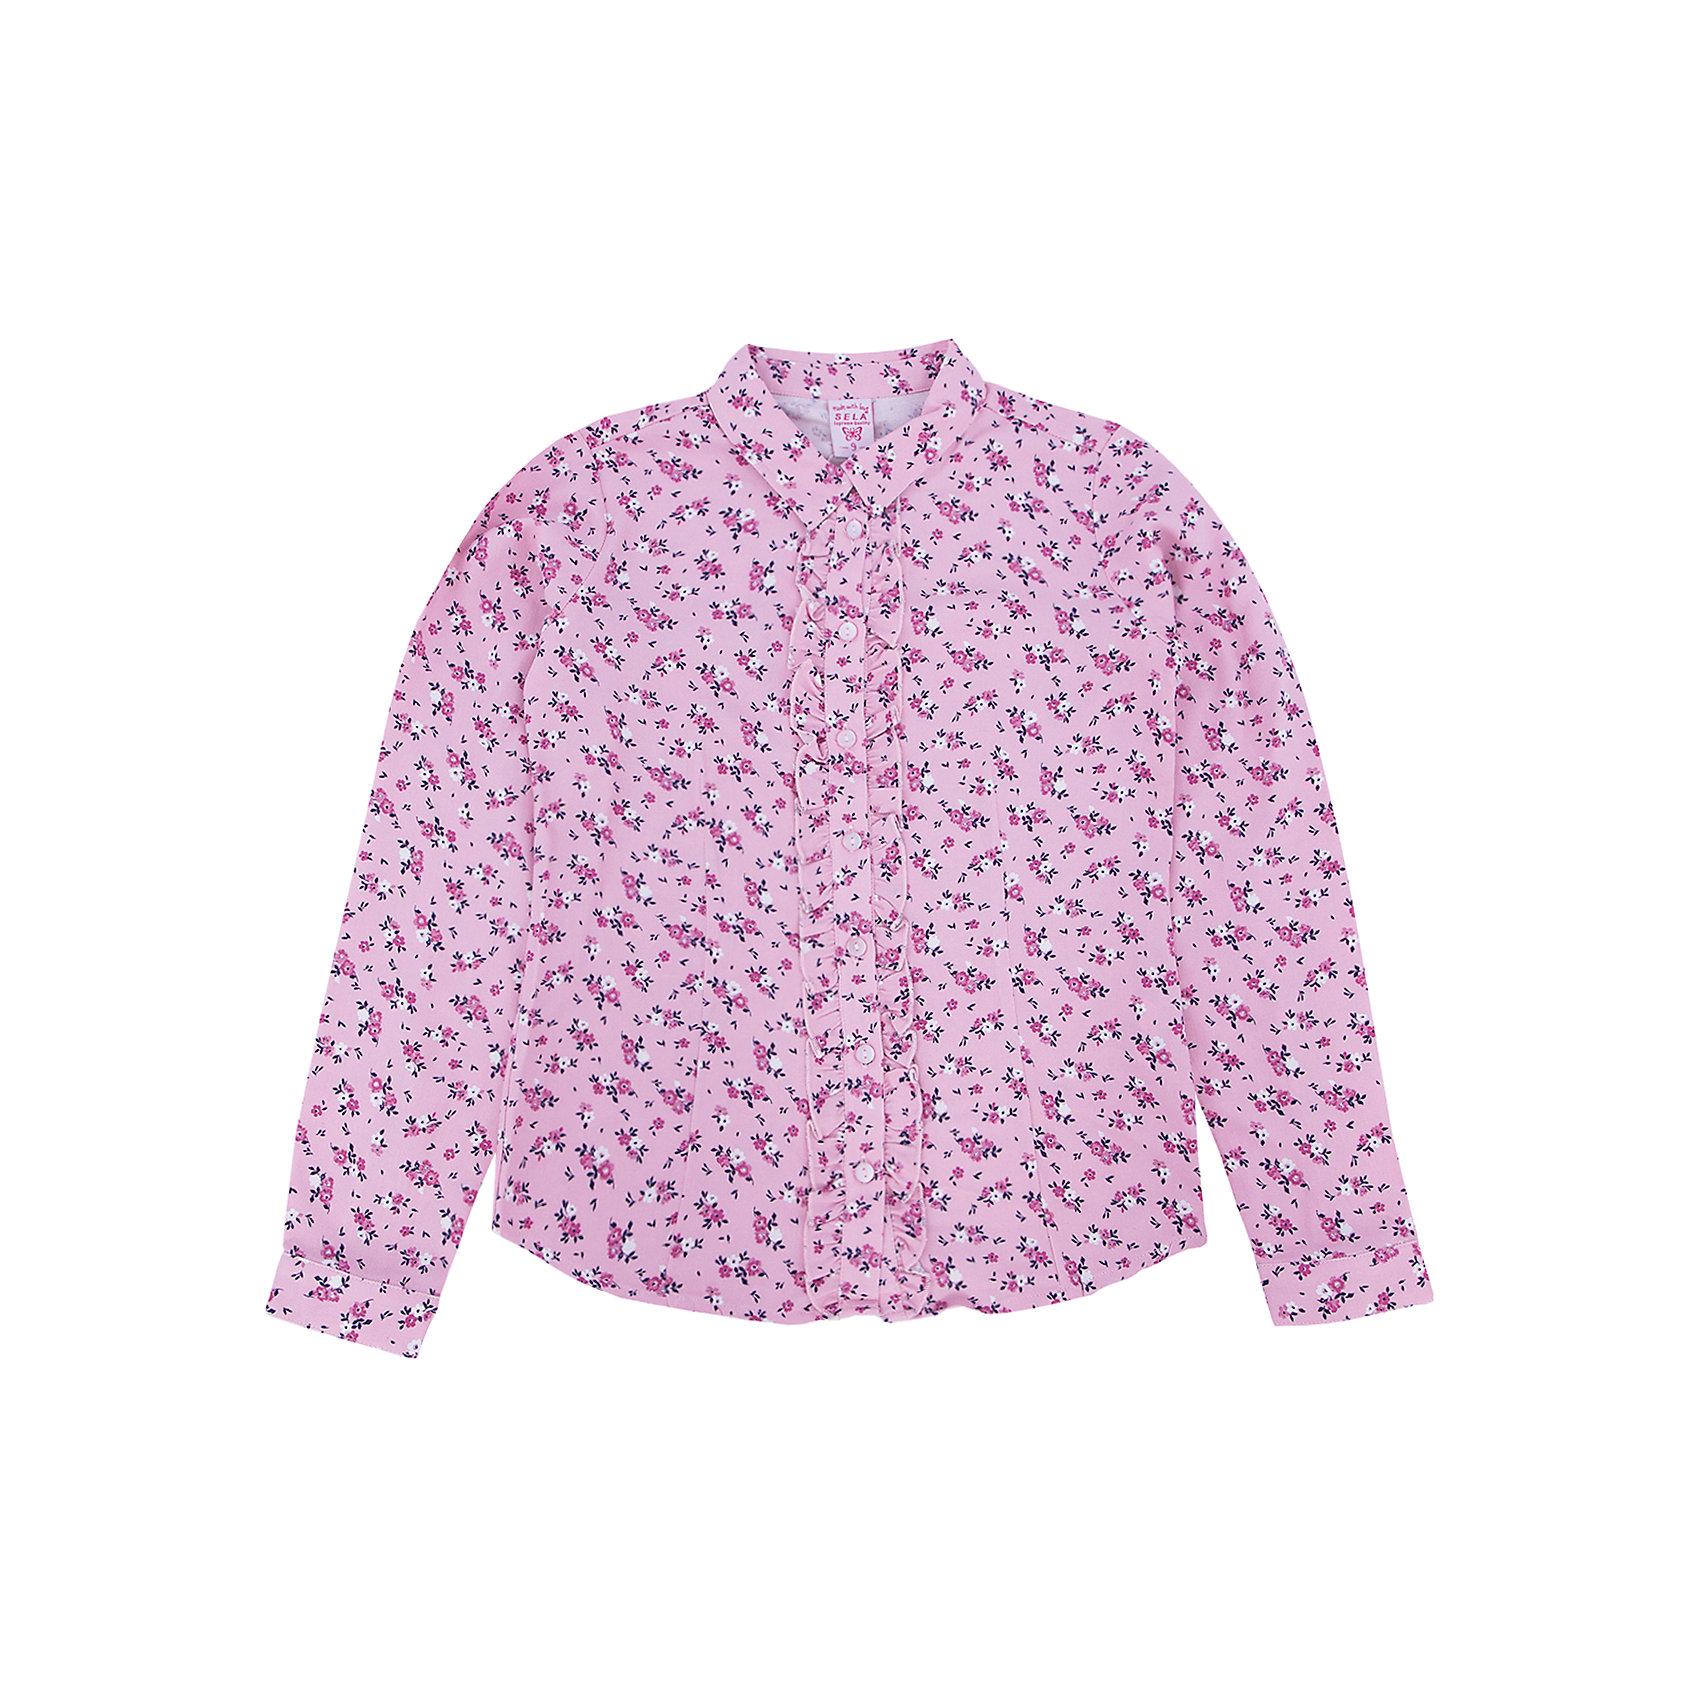 Блузка для девочки SELAБлузки и рубашки<br>Одежда для детей от SELA - это качество и отличные цены. Блузка для девочки из новой коллекции придется по душе любому ребенку. Качественный натуральный материал сочетается с последними модными трендами. Стильный орнамент в нежный цветок делает блузку оригинальной и заметной даже без добавления аксессуаров. <br>Блузка отлично сидит по фигуре благодаря полуприлегающему крою. Универсальность модели позволит создать множество образов.  Все материалы, использованные в создании изделия,  отвечают современным требованиям по качеству и безопасности продукции. <br><br>Дополнительная информация:<br><br>цвет: розовый;<br>состав: 100% вискоза;<br>рукав длинный, с манжетом, силуэт полуприлегающий.<br><br>Блузку для девочки от компании SELA можно купить в нашем магазине.<br><br>Ширина мм: 186<br>Глубина мм: 87<br>Высота мм: 198<br>Вес г: 197<br>Цвет: розовый<br>Возраст от месяцев: 108<br>Возраст до месяцев: 120<br>Пол: Женский<br>Возраст: Детский<br>Размер: 140,116,146,134,128,152,122<br>SKU: 4912901